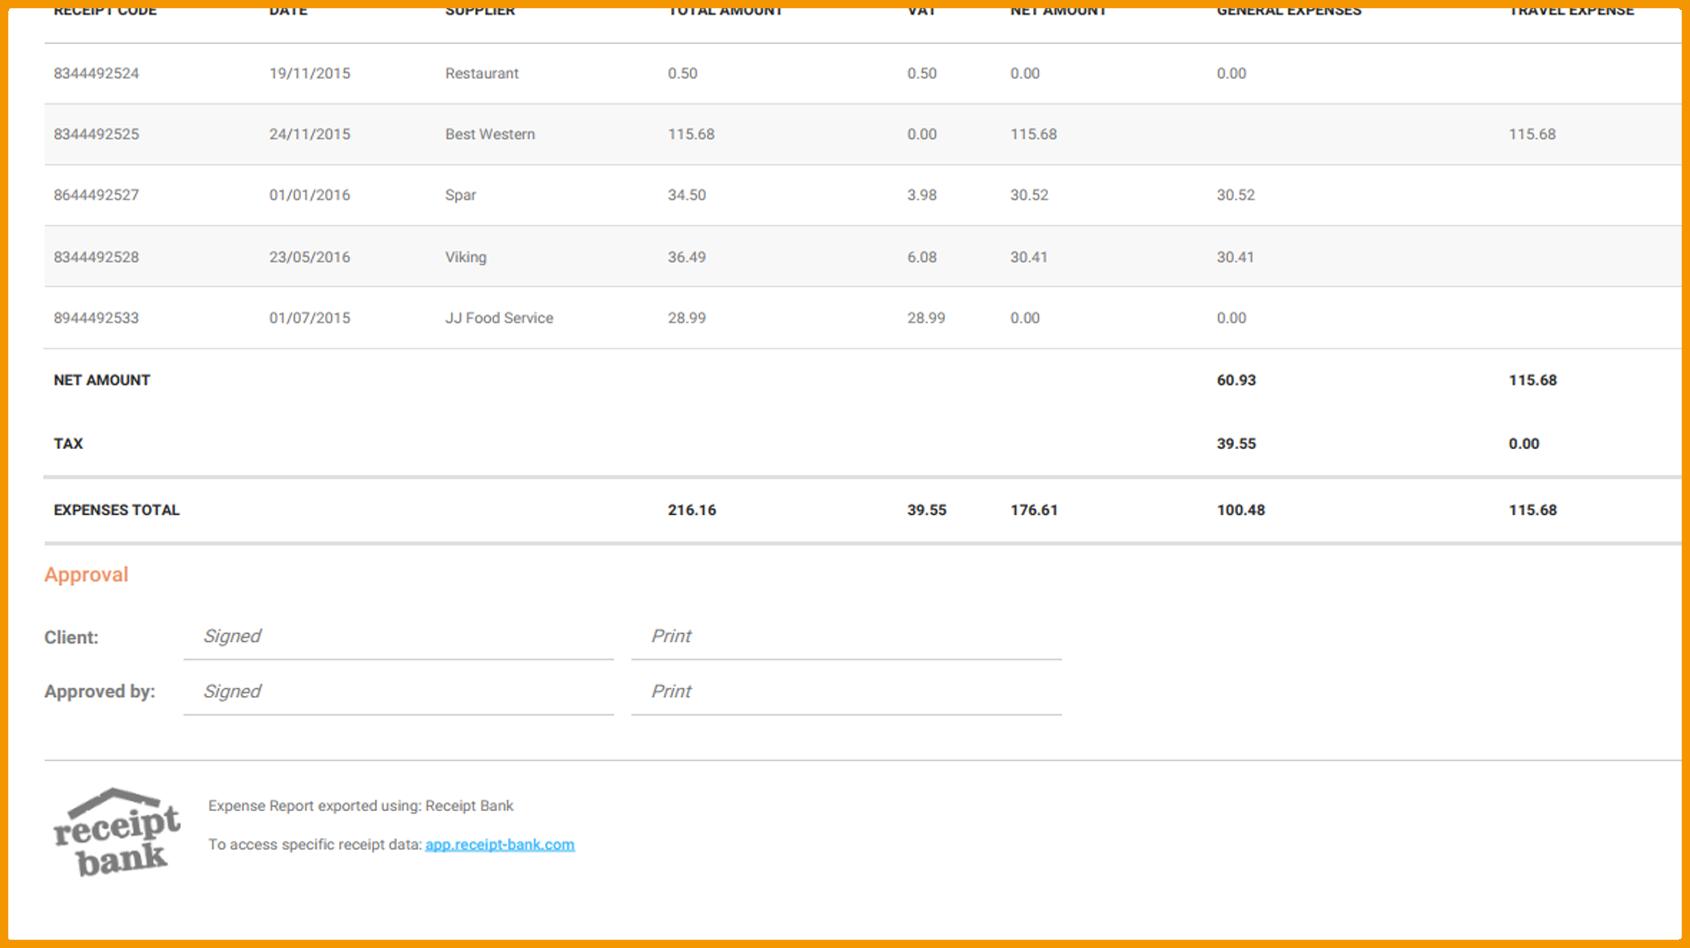 ER_tax_screenshot-1